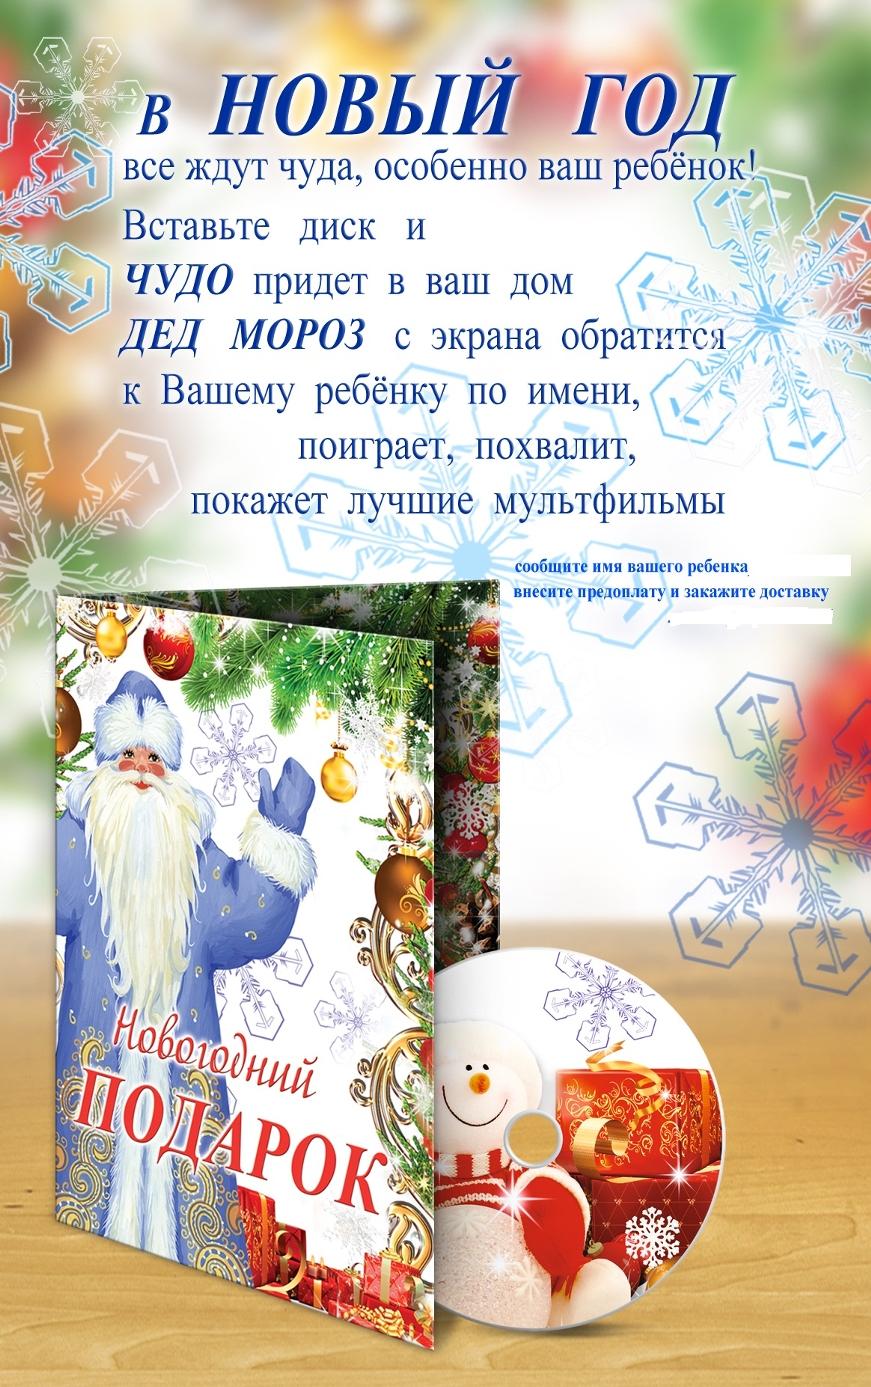 Новогодние поздравления от Деда Мороза и Снегурочки 80